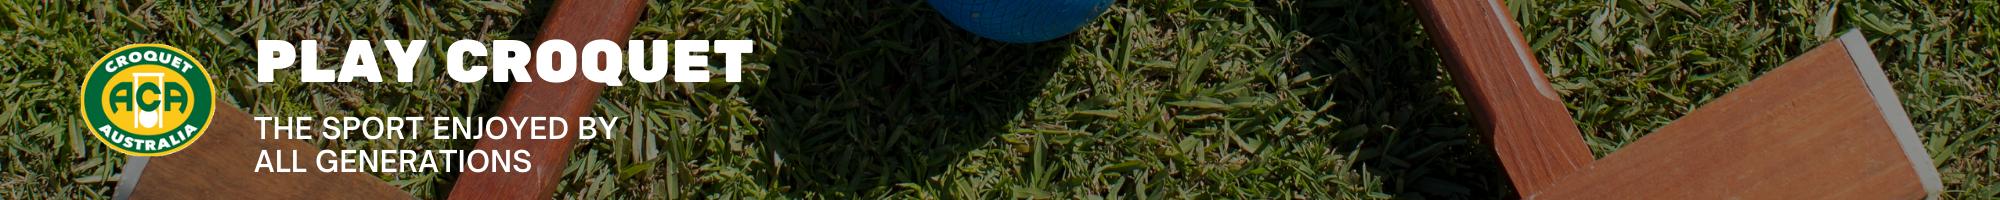 Play Croquet Header (2)